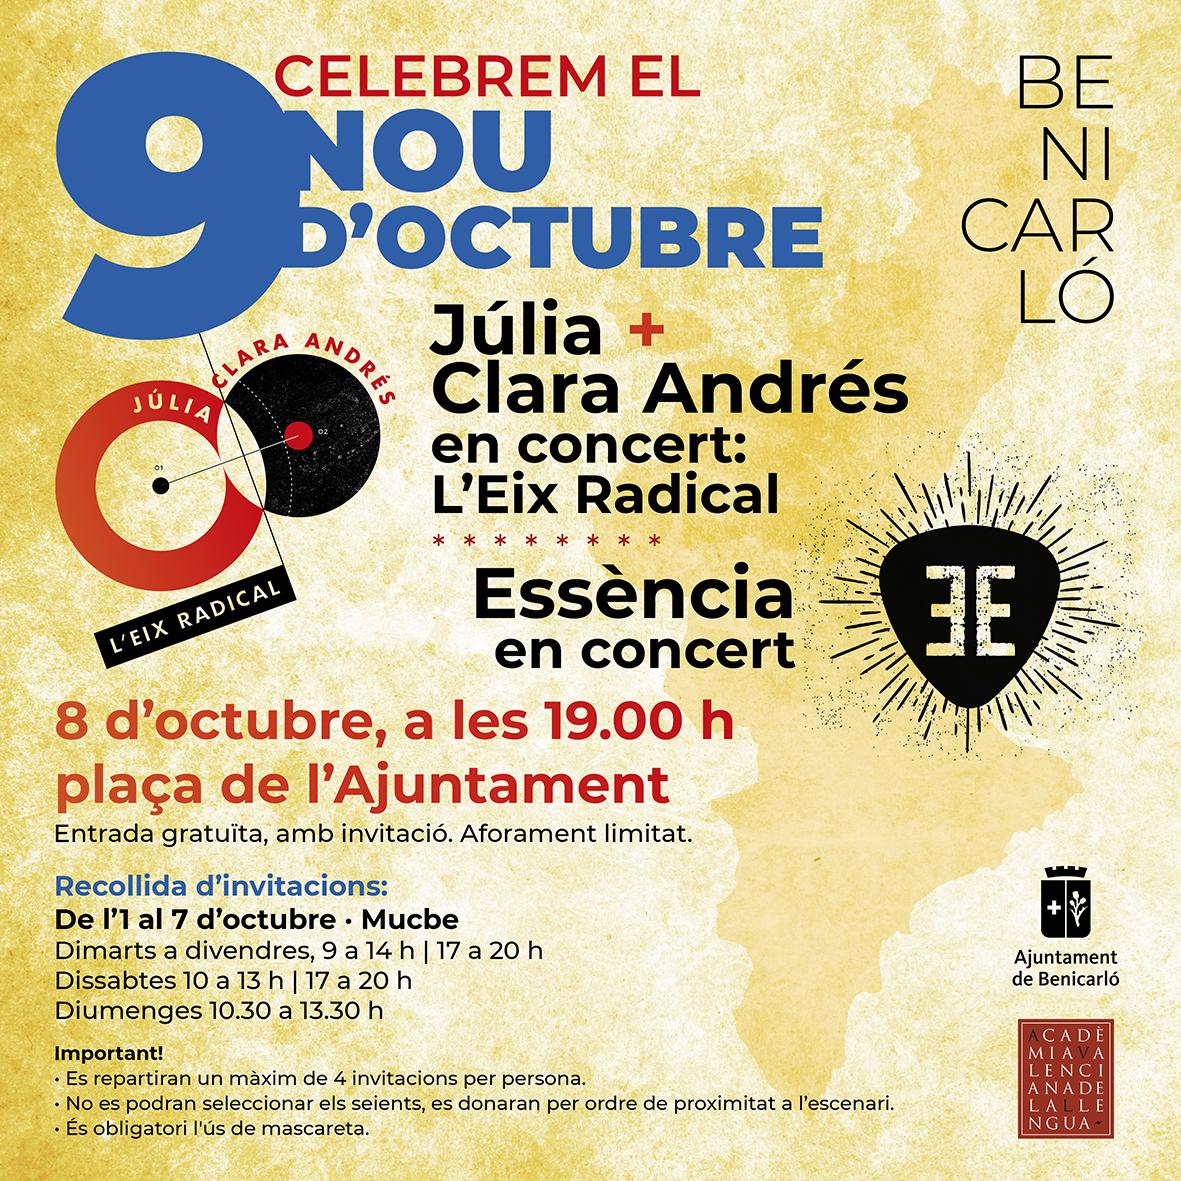 La música de Júlia, Clara Andrés i Essència centrarà els actes del Nou d'Octubre a Benicarló